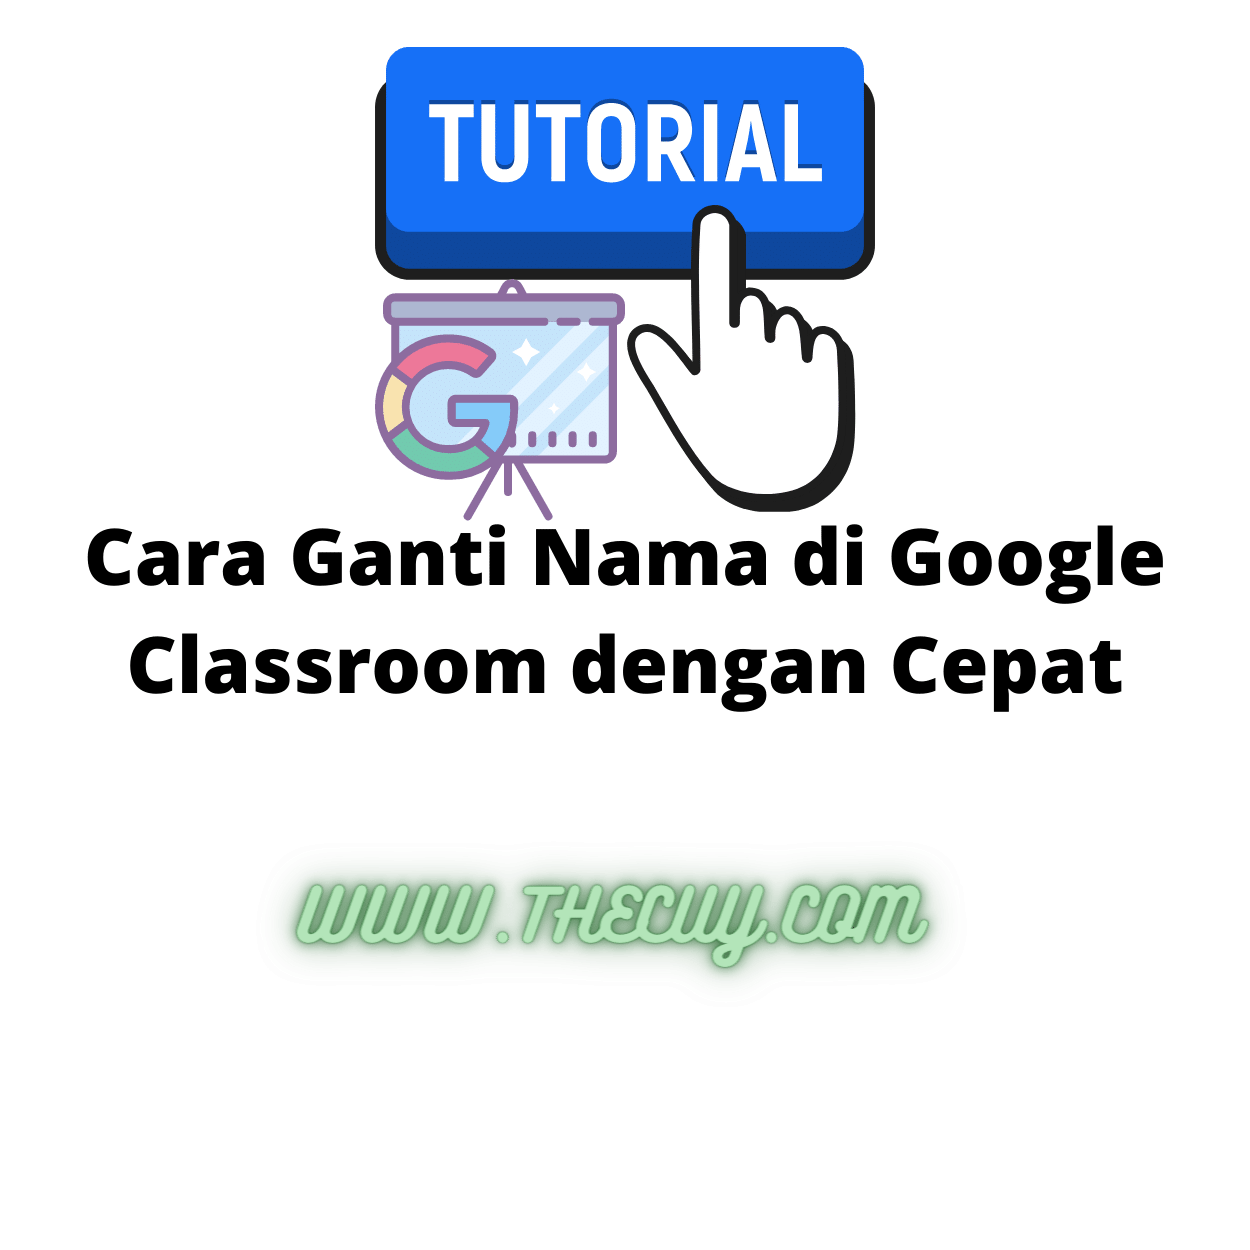 Cara Ganti Nama di Google Classroom dengan Cepat